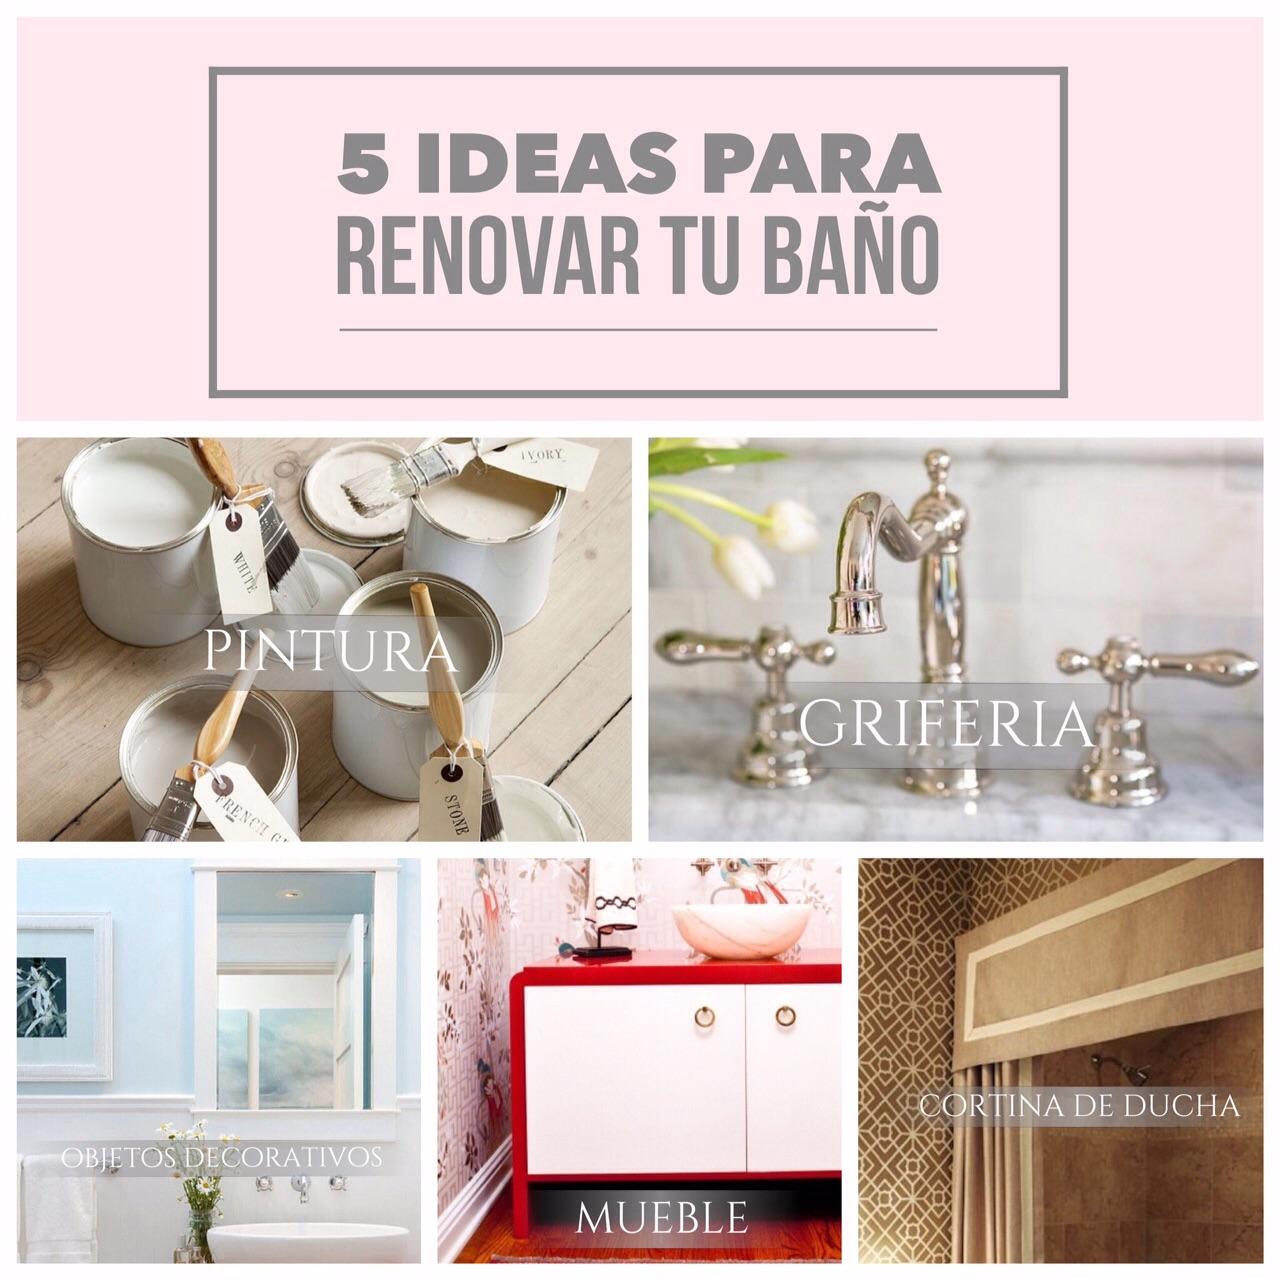 Renovar Baño Pequeno:Enfócate en los detalles y sigue estas 5 ideas para renovar tu baño